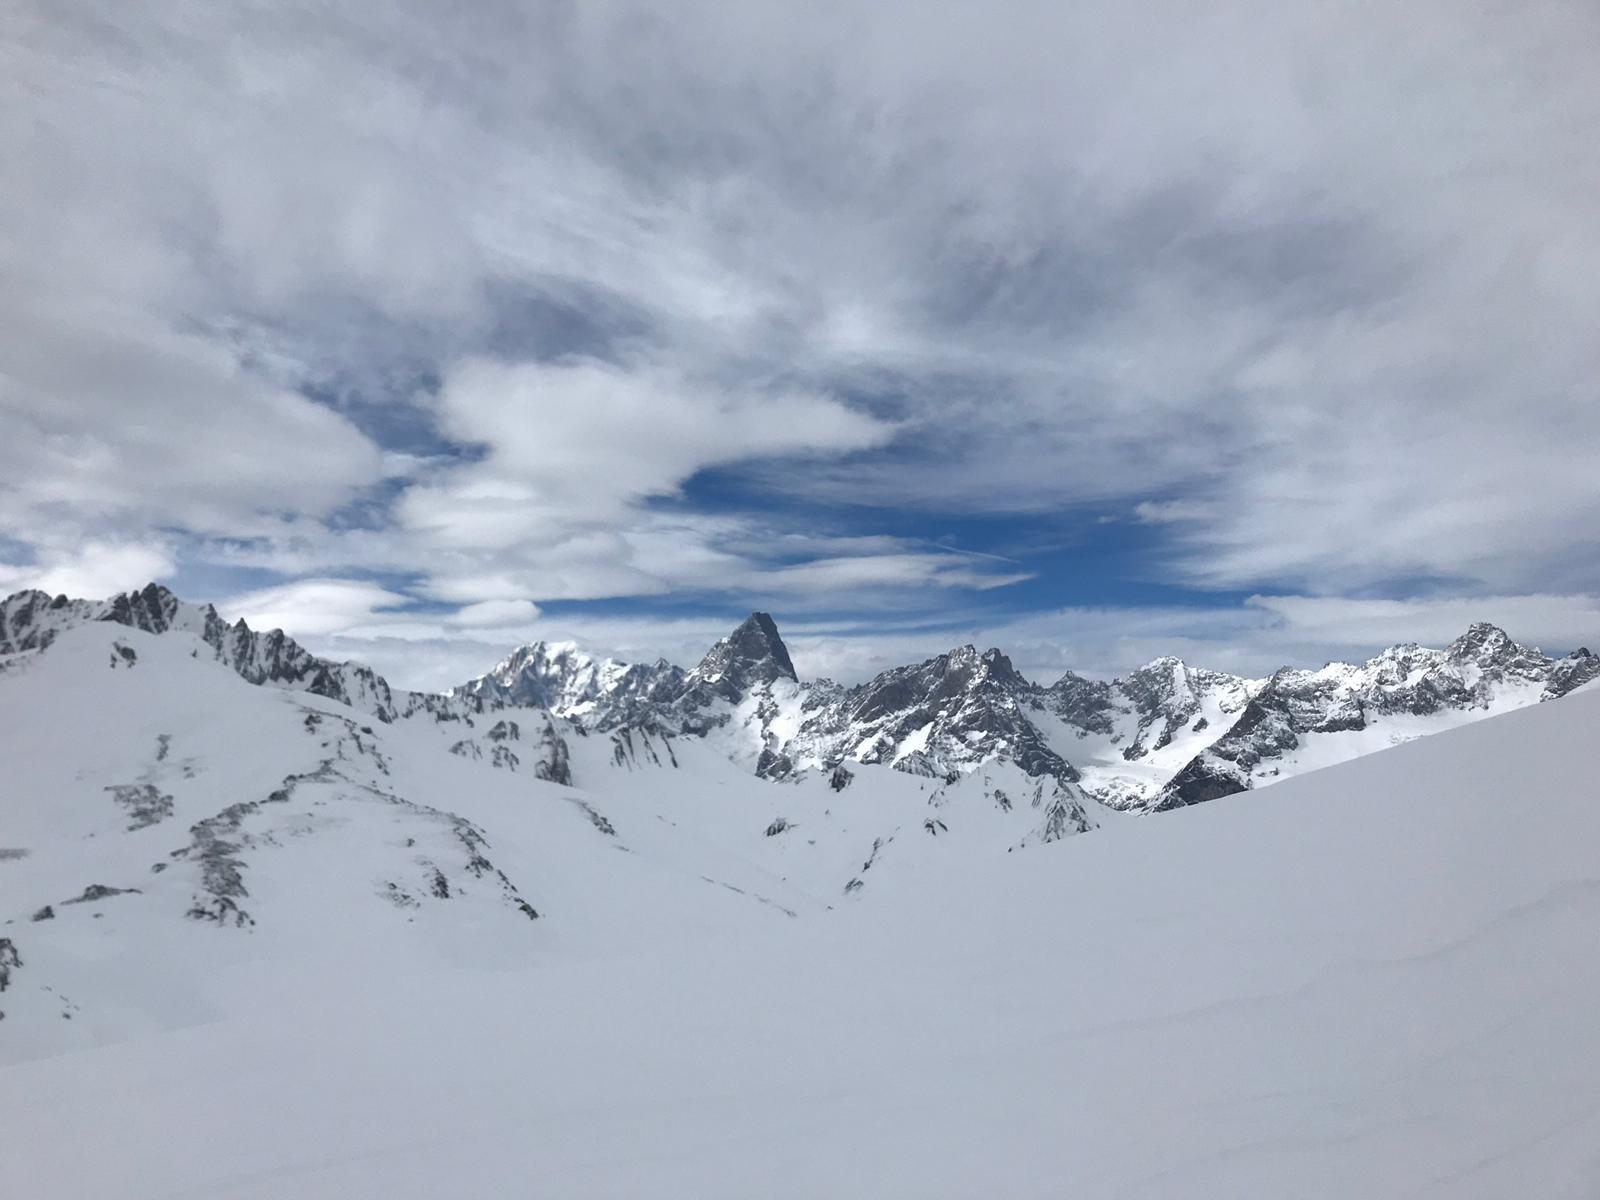 panorama spaziale nonostante le nuvole